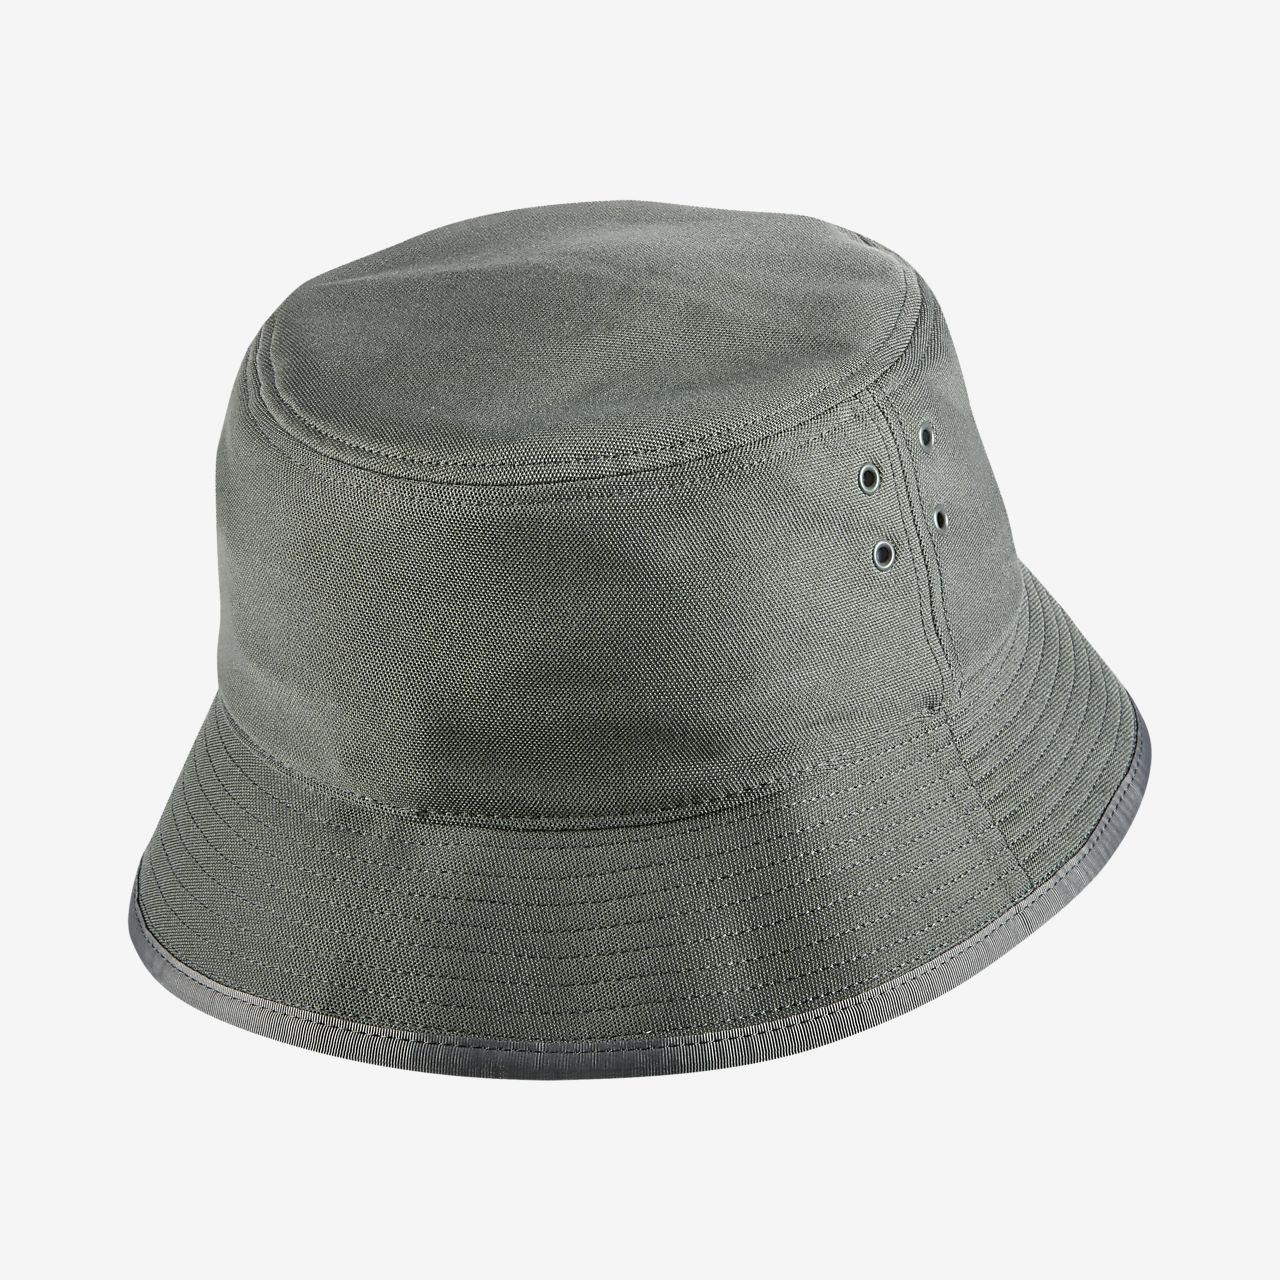 192e2824723b38 ... real low resolution jordan bucket hat jordan bucket hat 8fbbd 08e6e